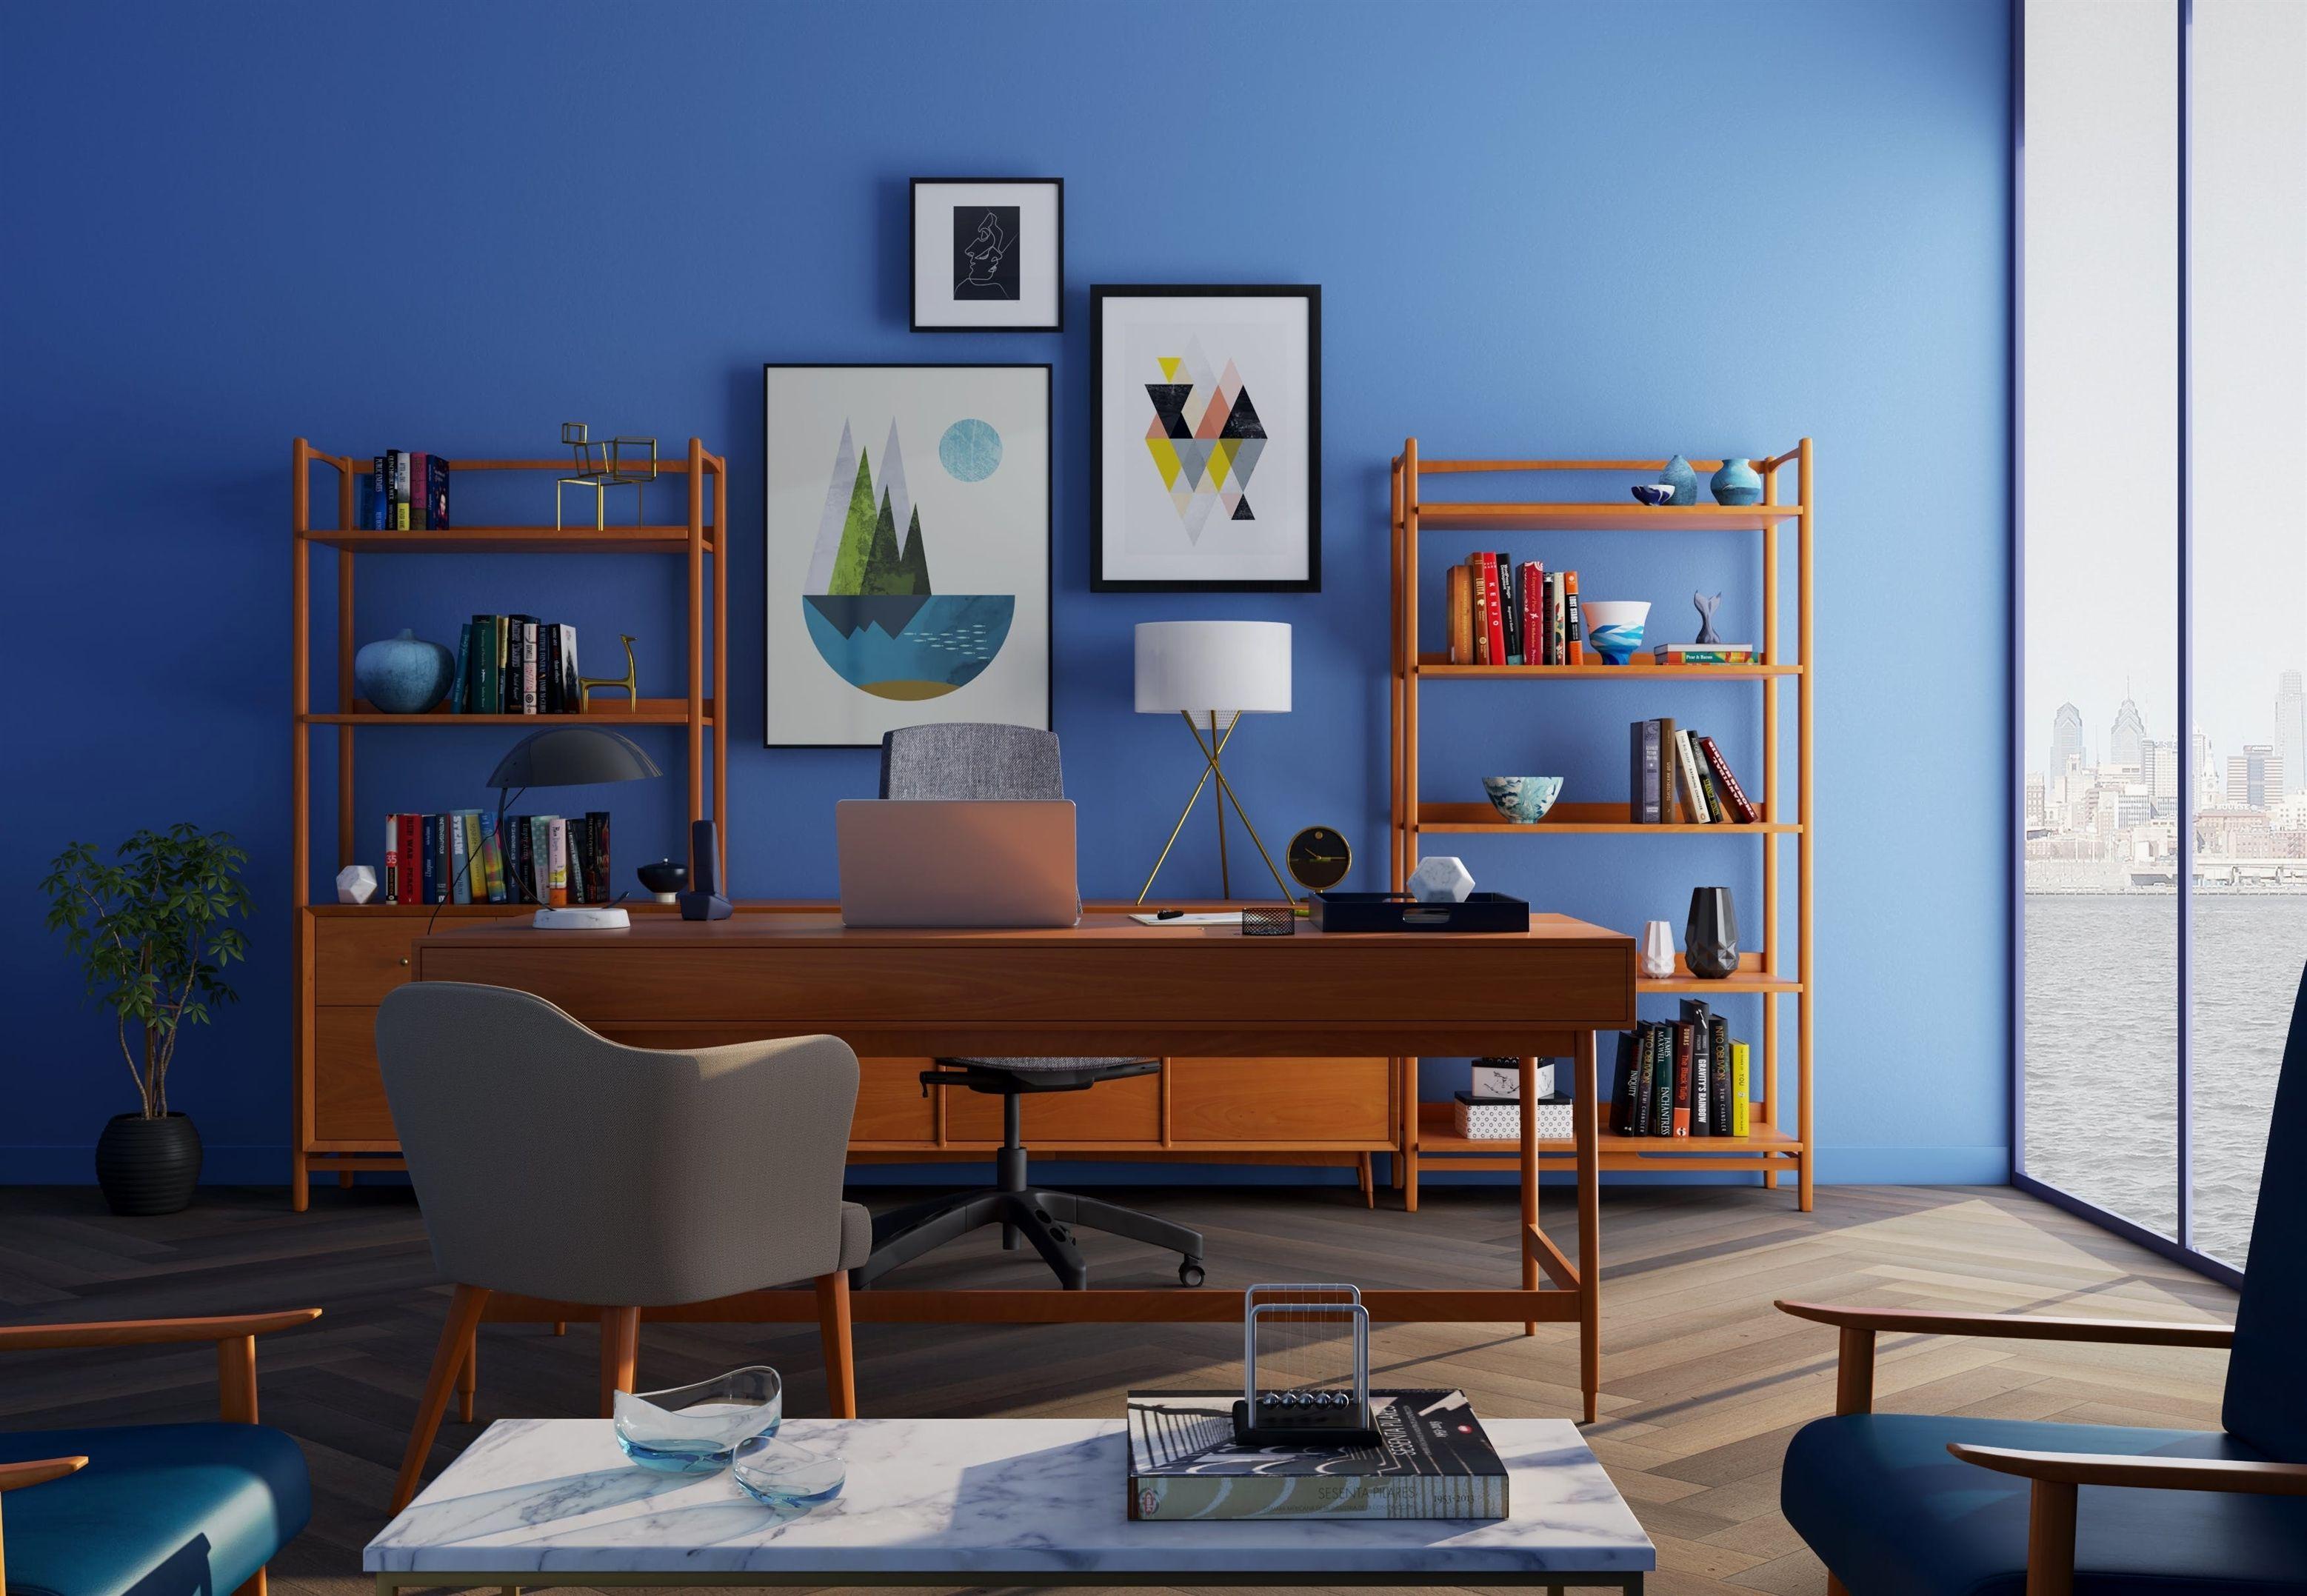 Home Decor Heart 363 20190922112657 62 Home Decor Online Home